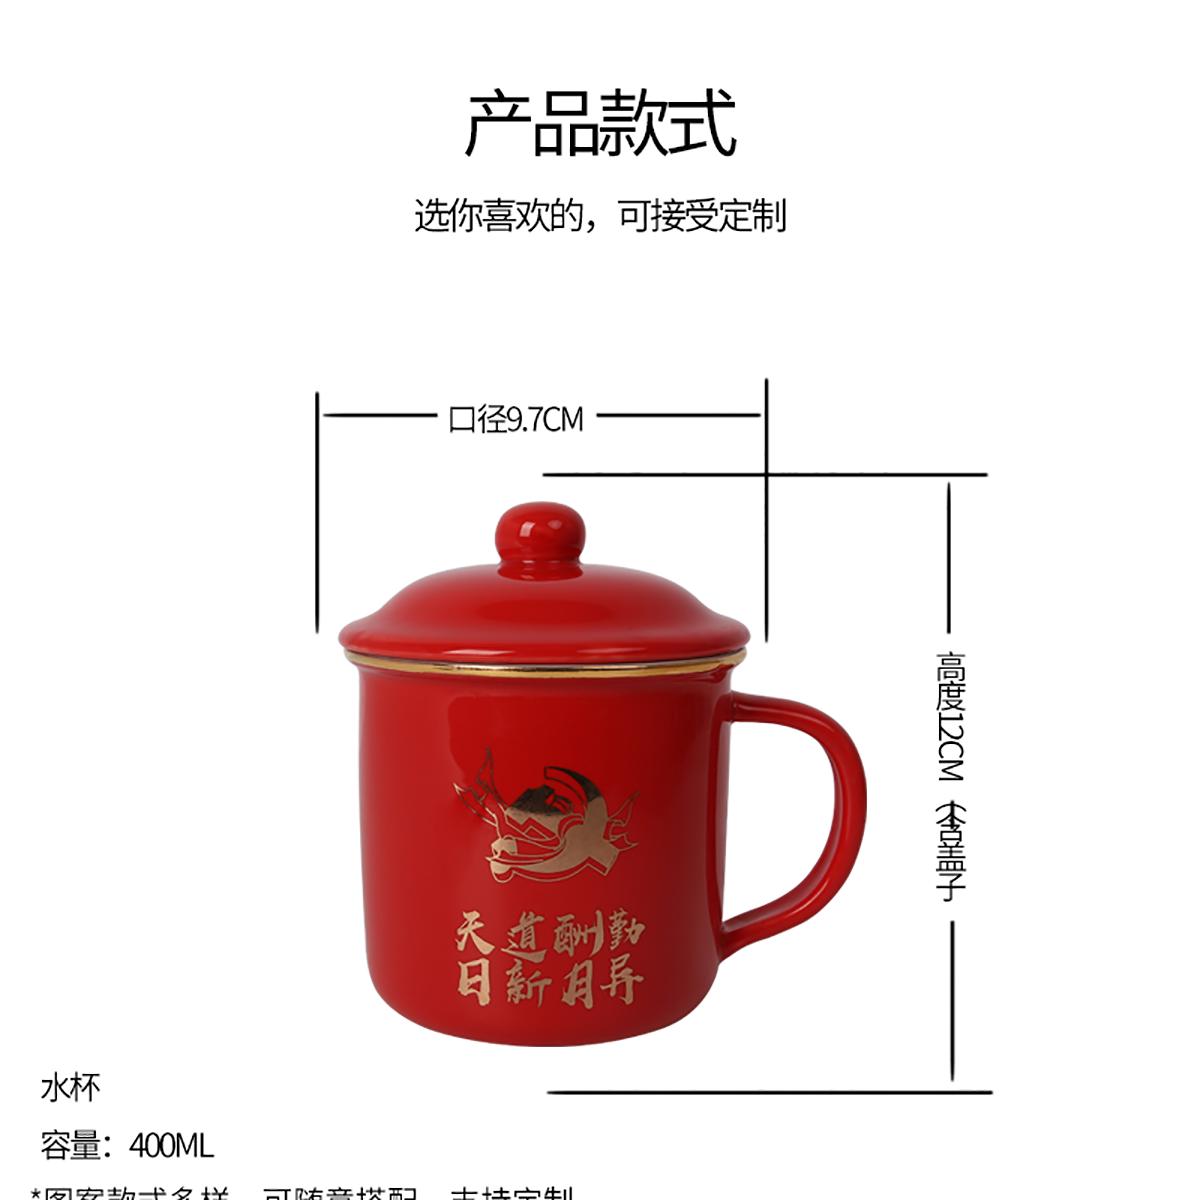 茶杯_06.png